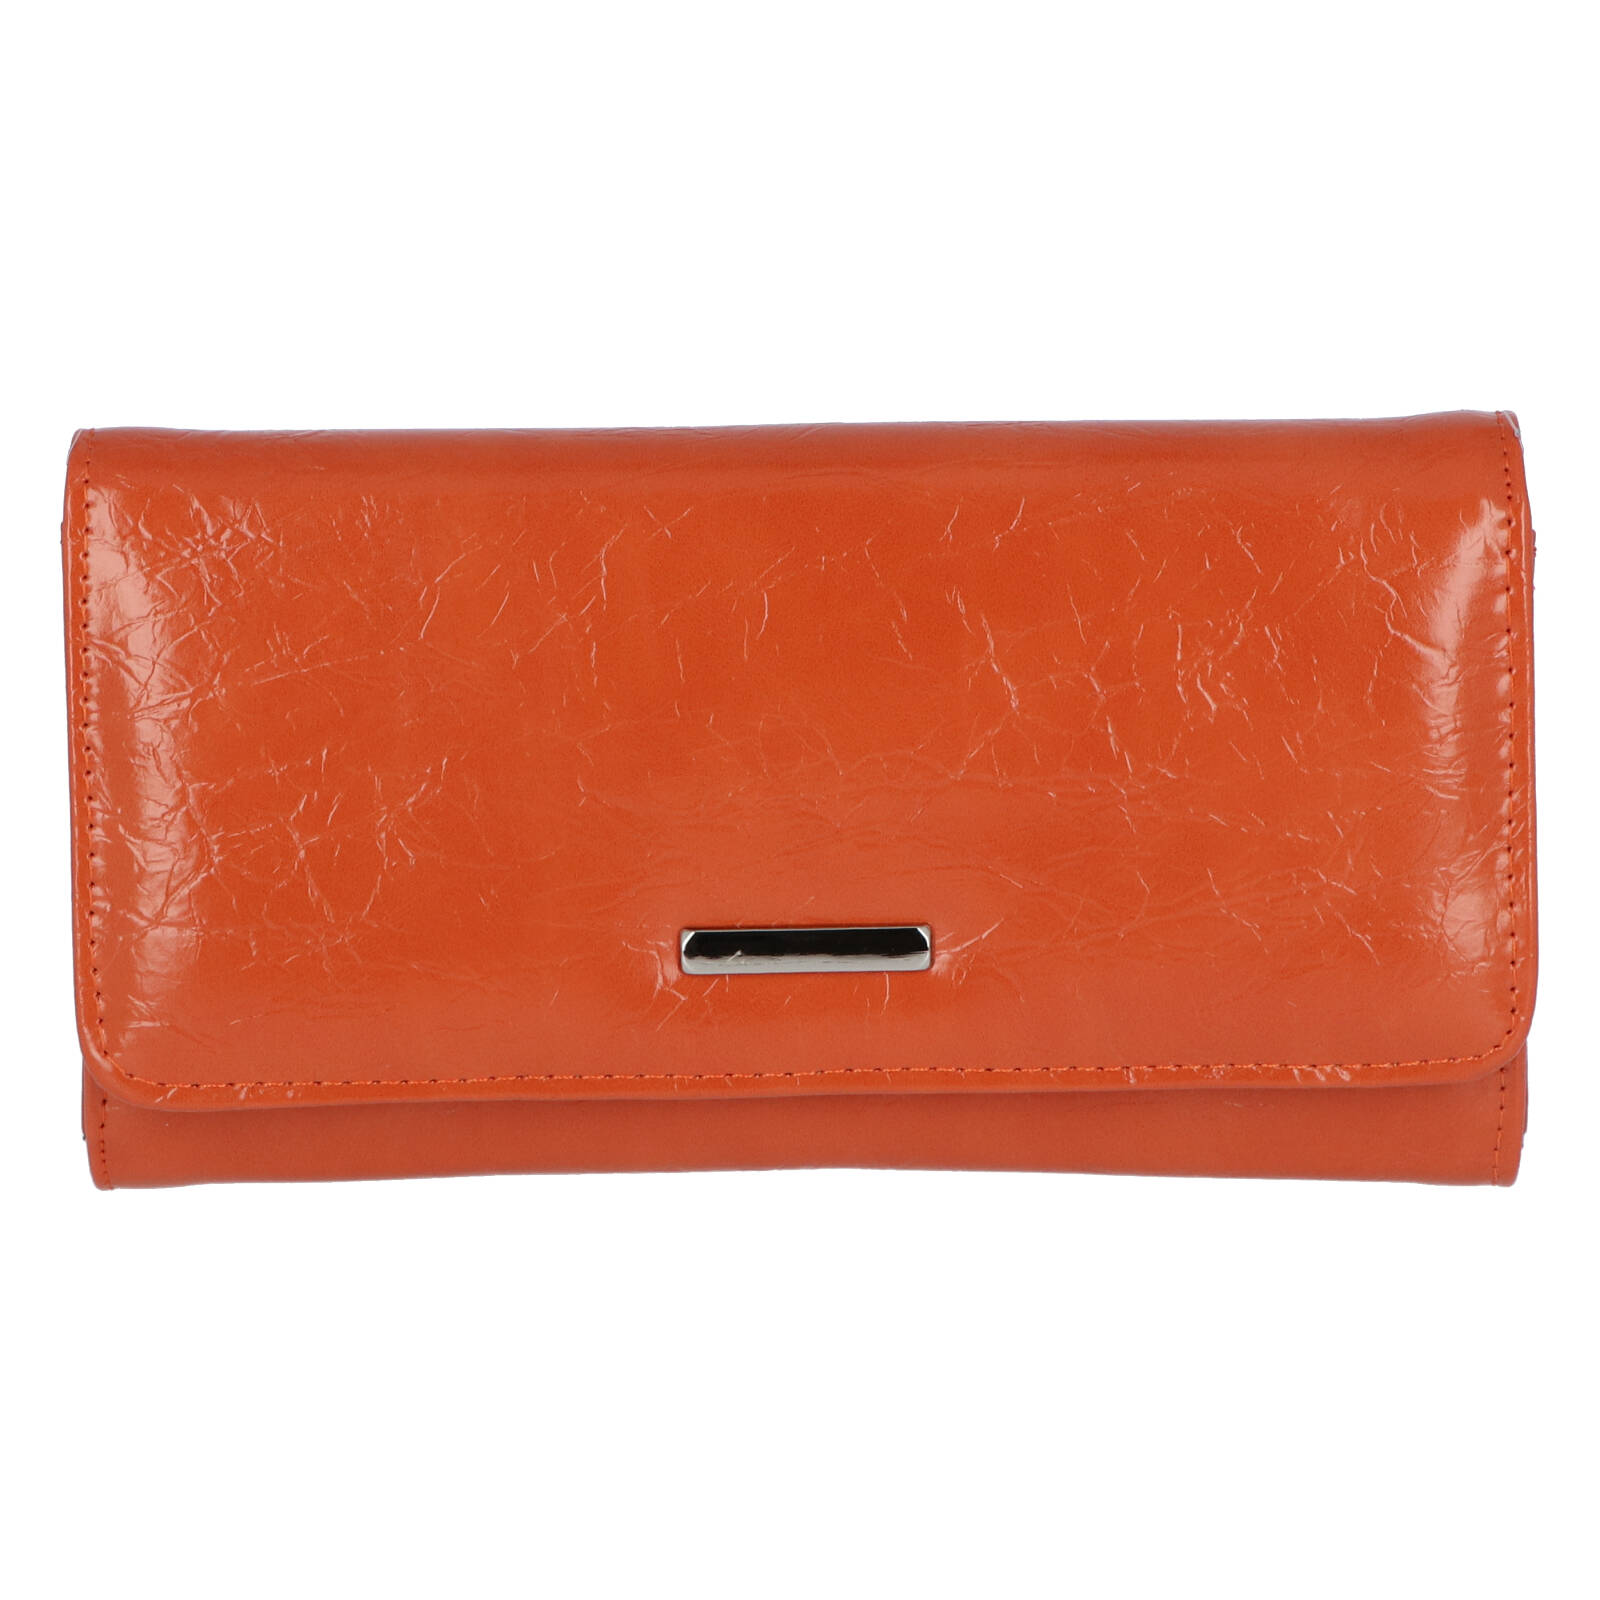 Dámska listová kabelka do ruky oranžová - Michelle Moon F290